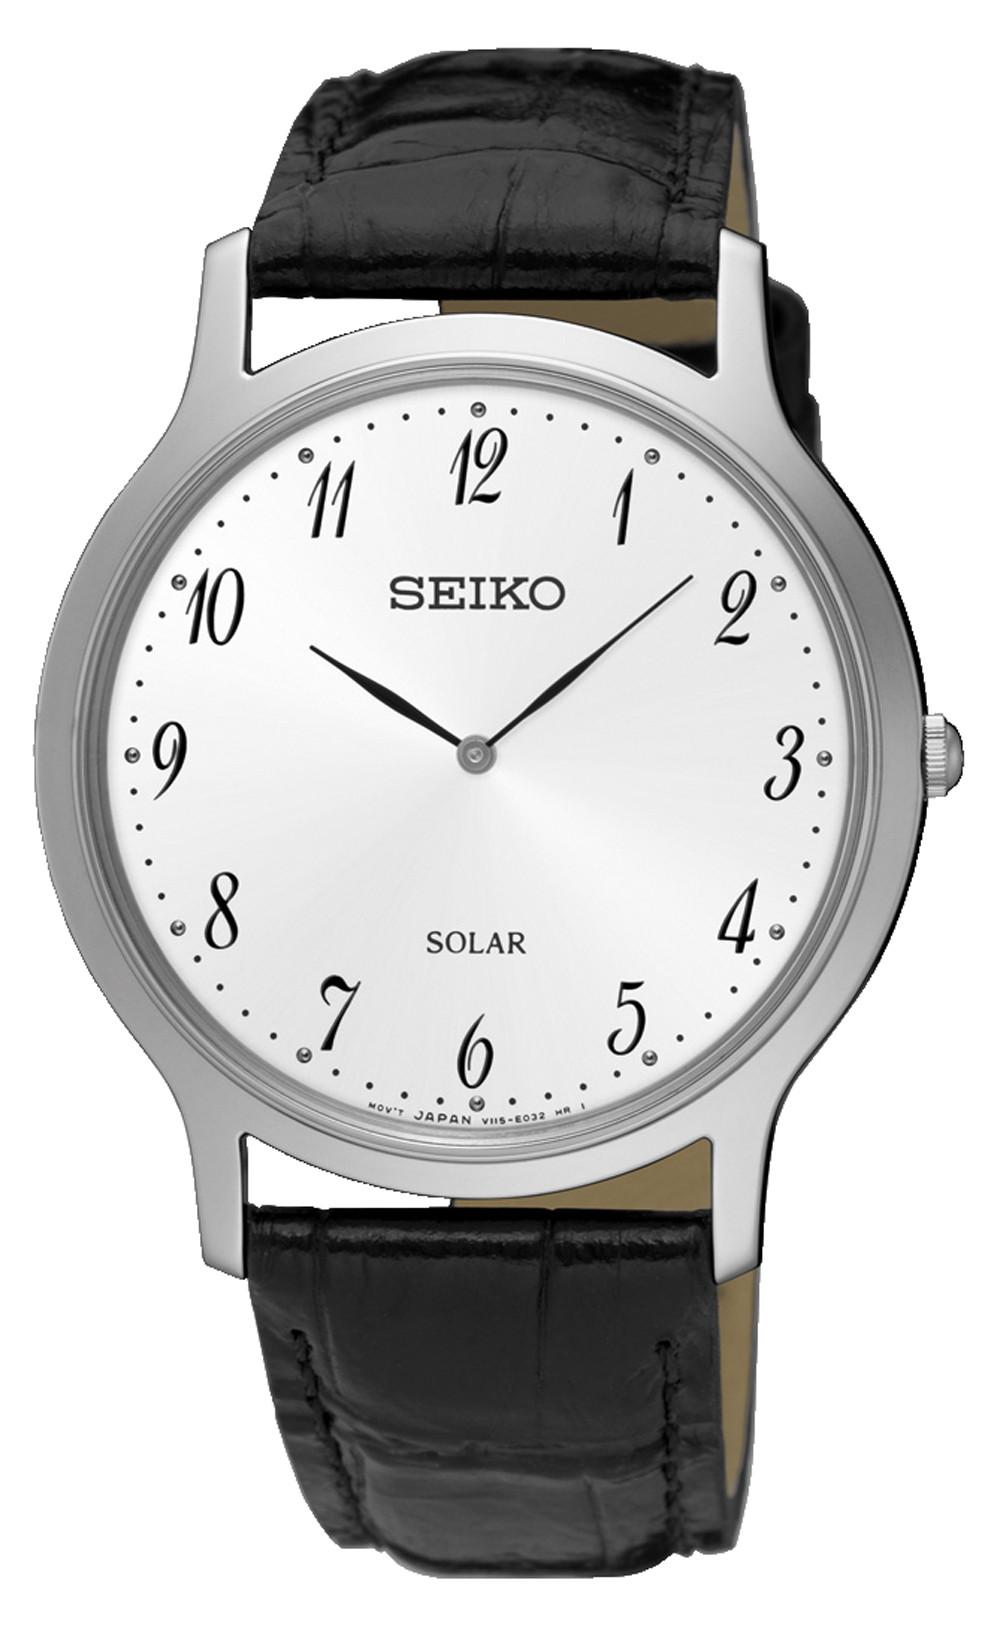 นาฬิกาผู้ชาย Seiko รุ่น SUP863P1, Solar